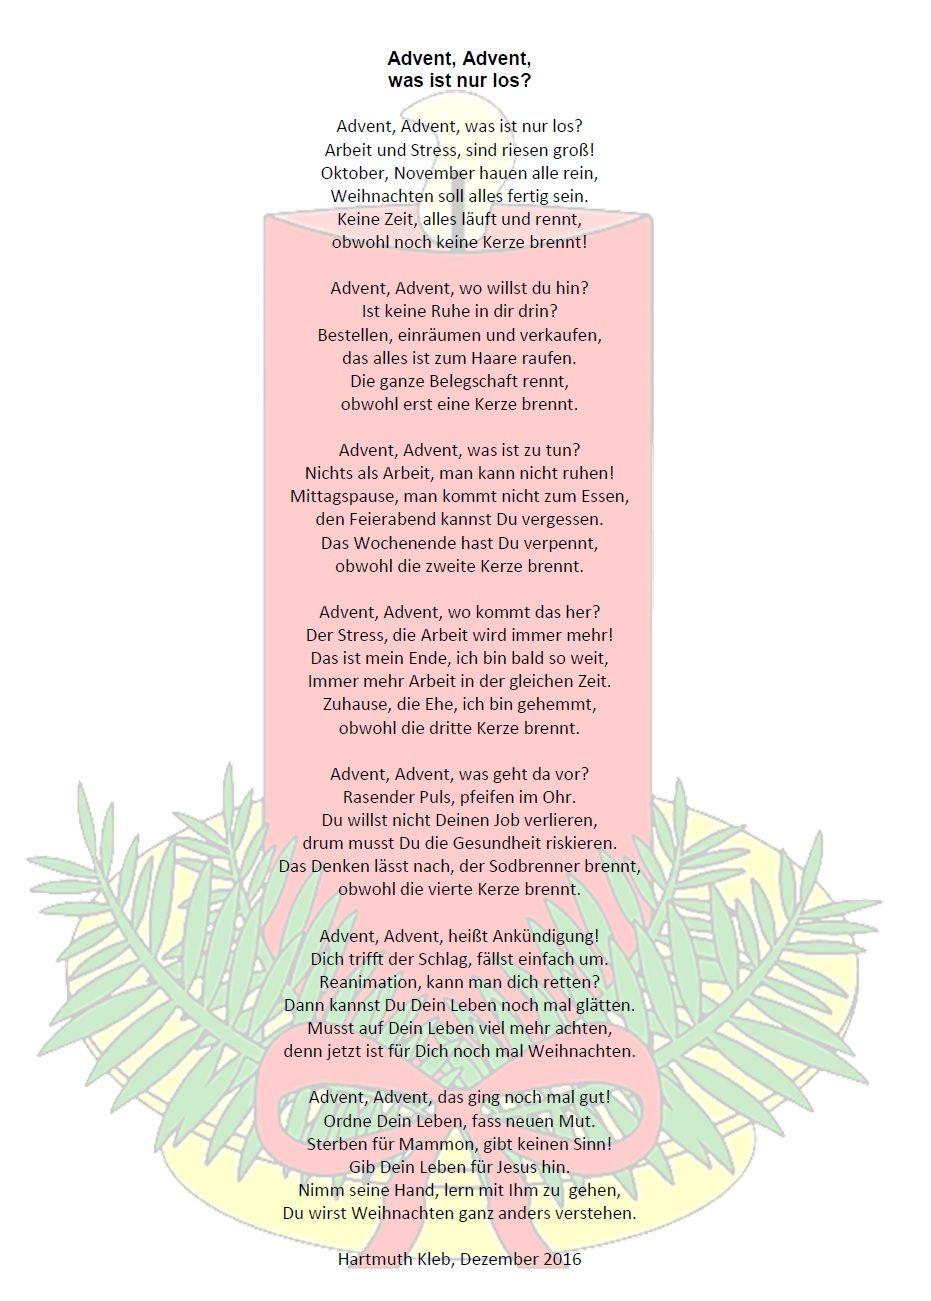 Weihnachtsgedicht Sehr Besinnlich Und Zum Nachdenken Weihnachtsgedichte Gedicht Weihnachten Besinnlich Weihnachtsgedichte Zum Nachdenken